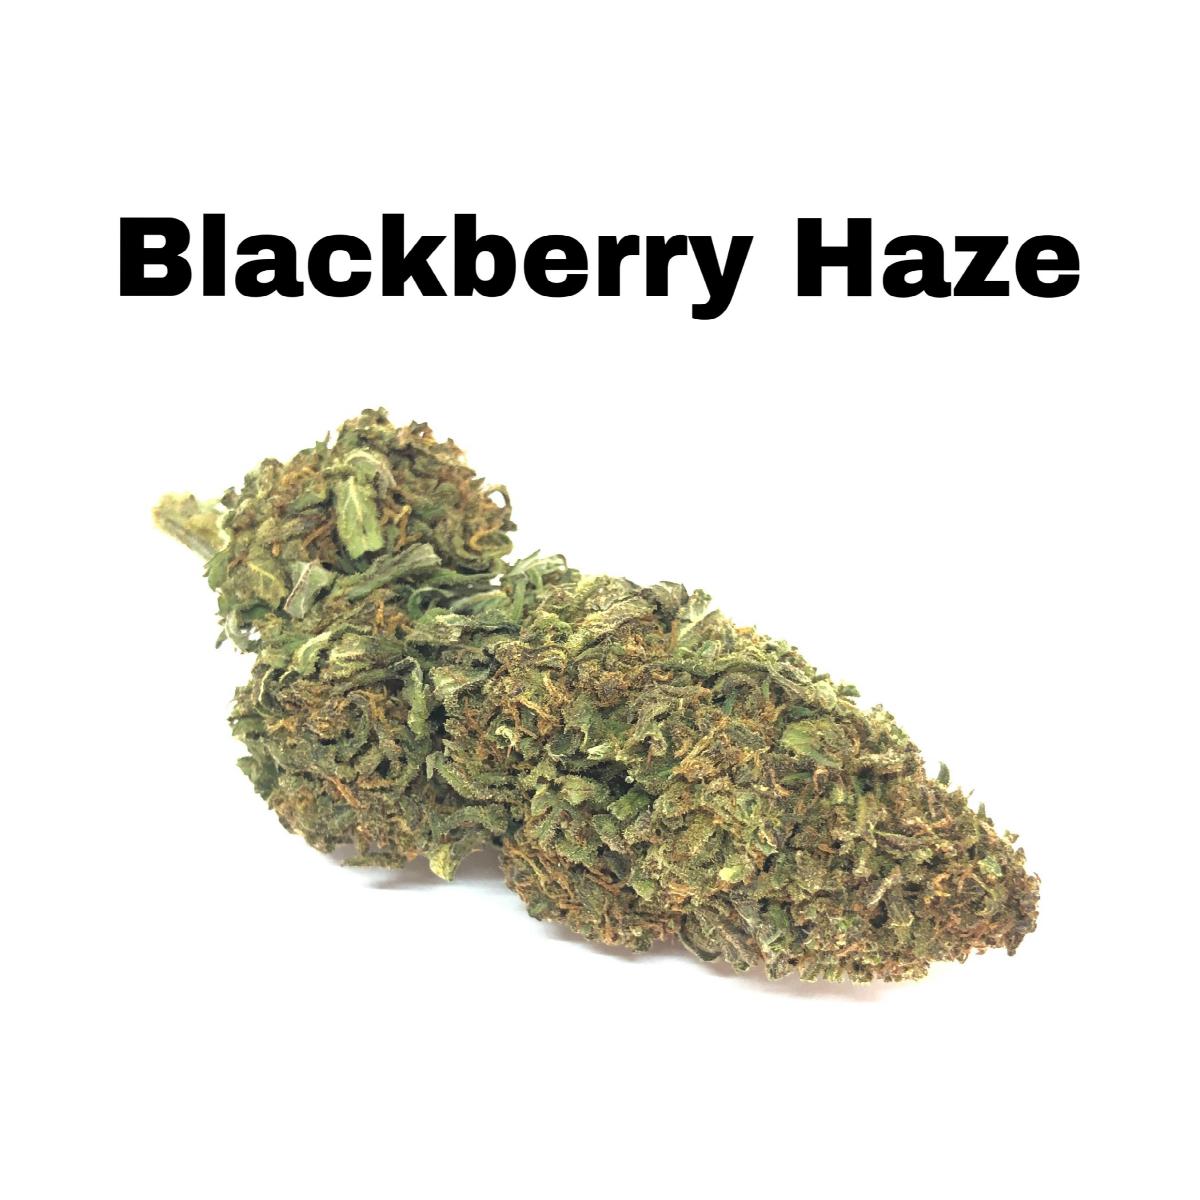 Blackberry Haze CBD Hemp Flower